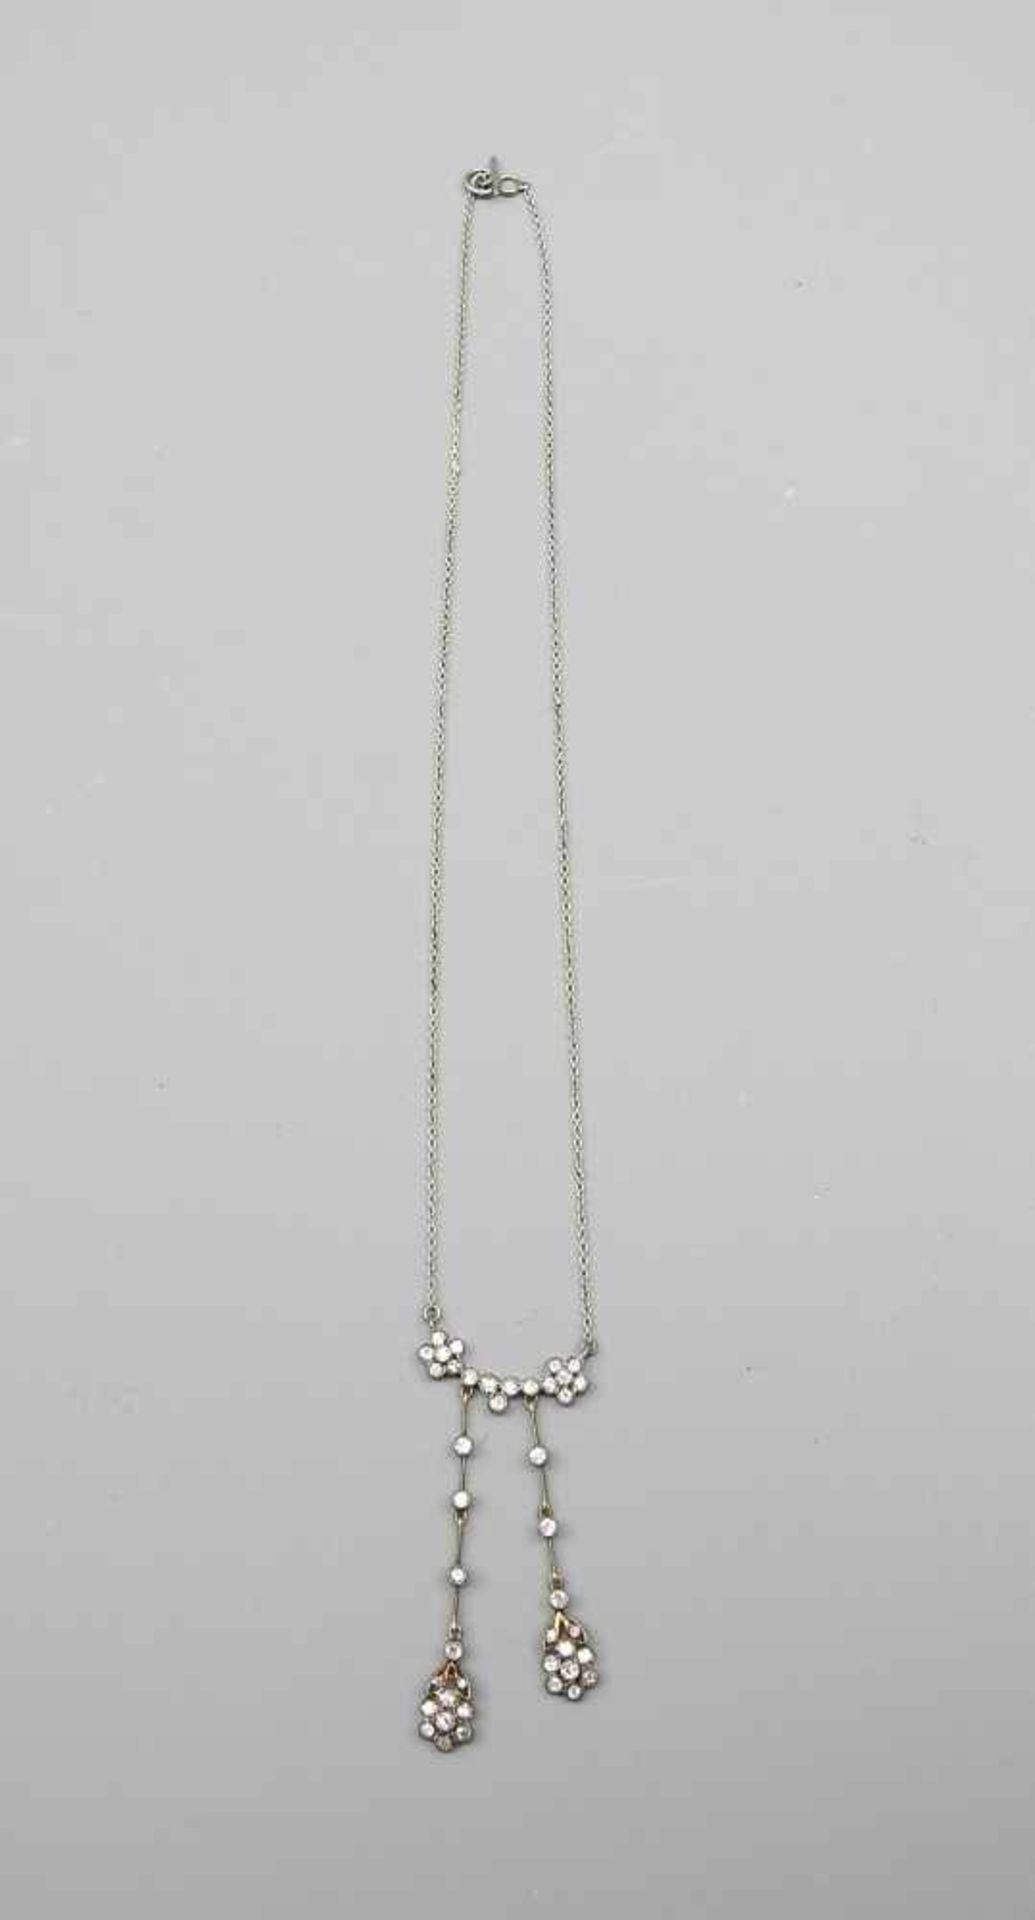 Feines Jugendstil-CollierSilber mit Diamantbesatz von ca. 0,80 ct. Wohl Deutschland, u - Image 2 of 4